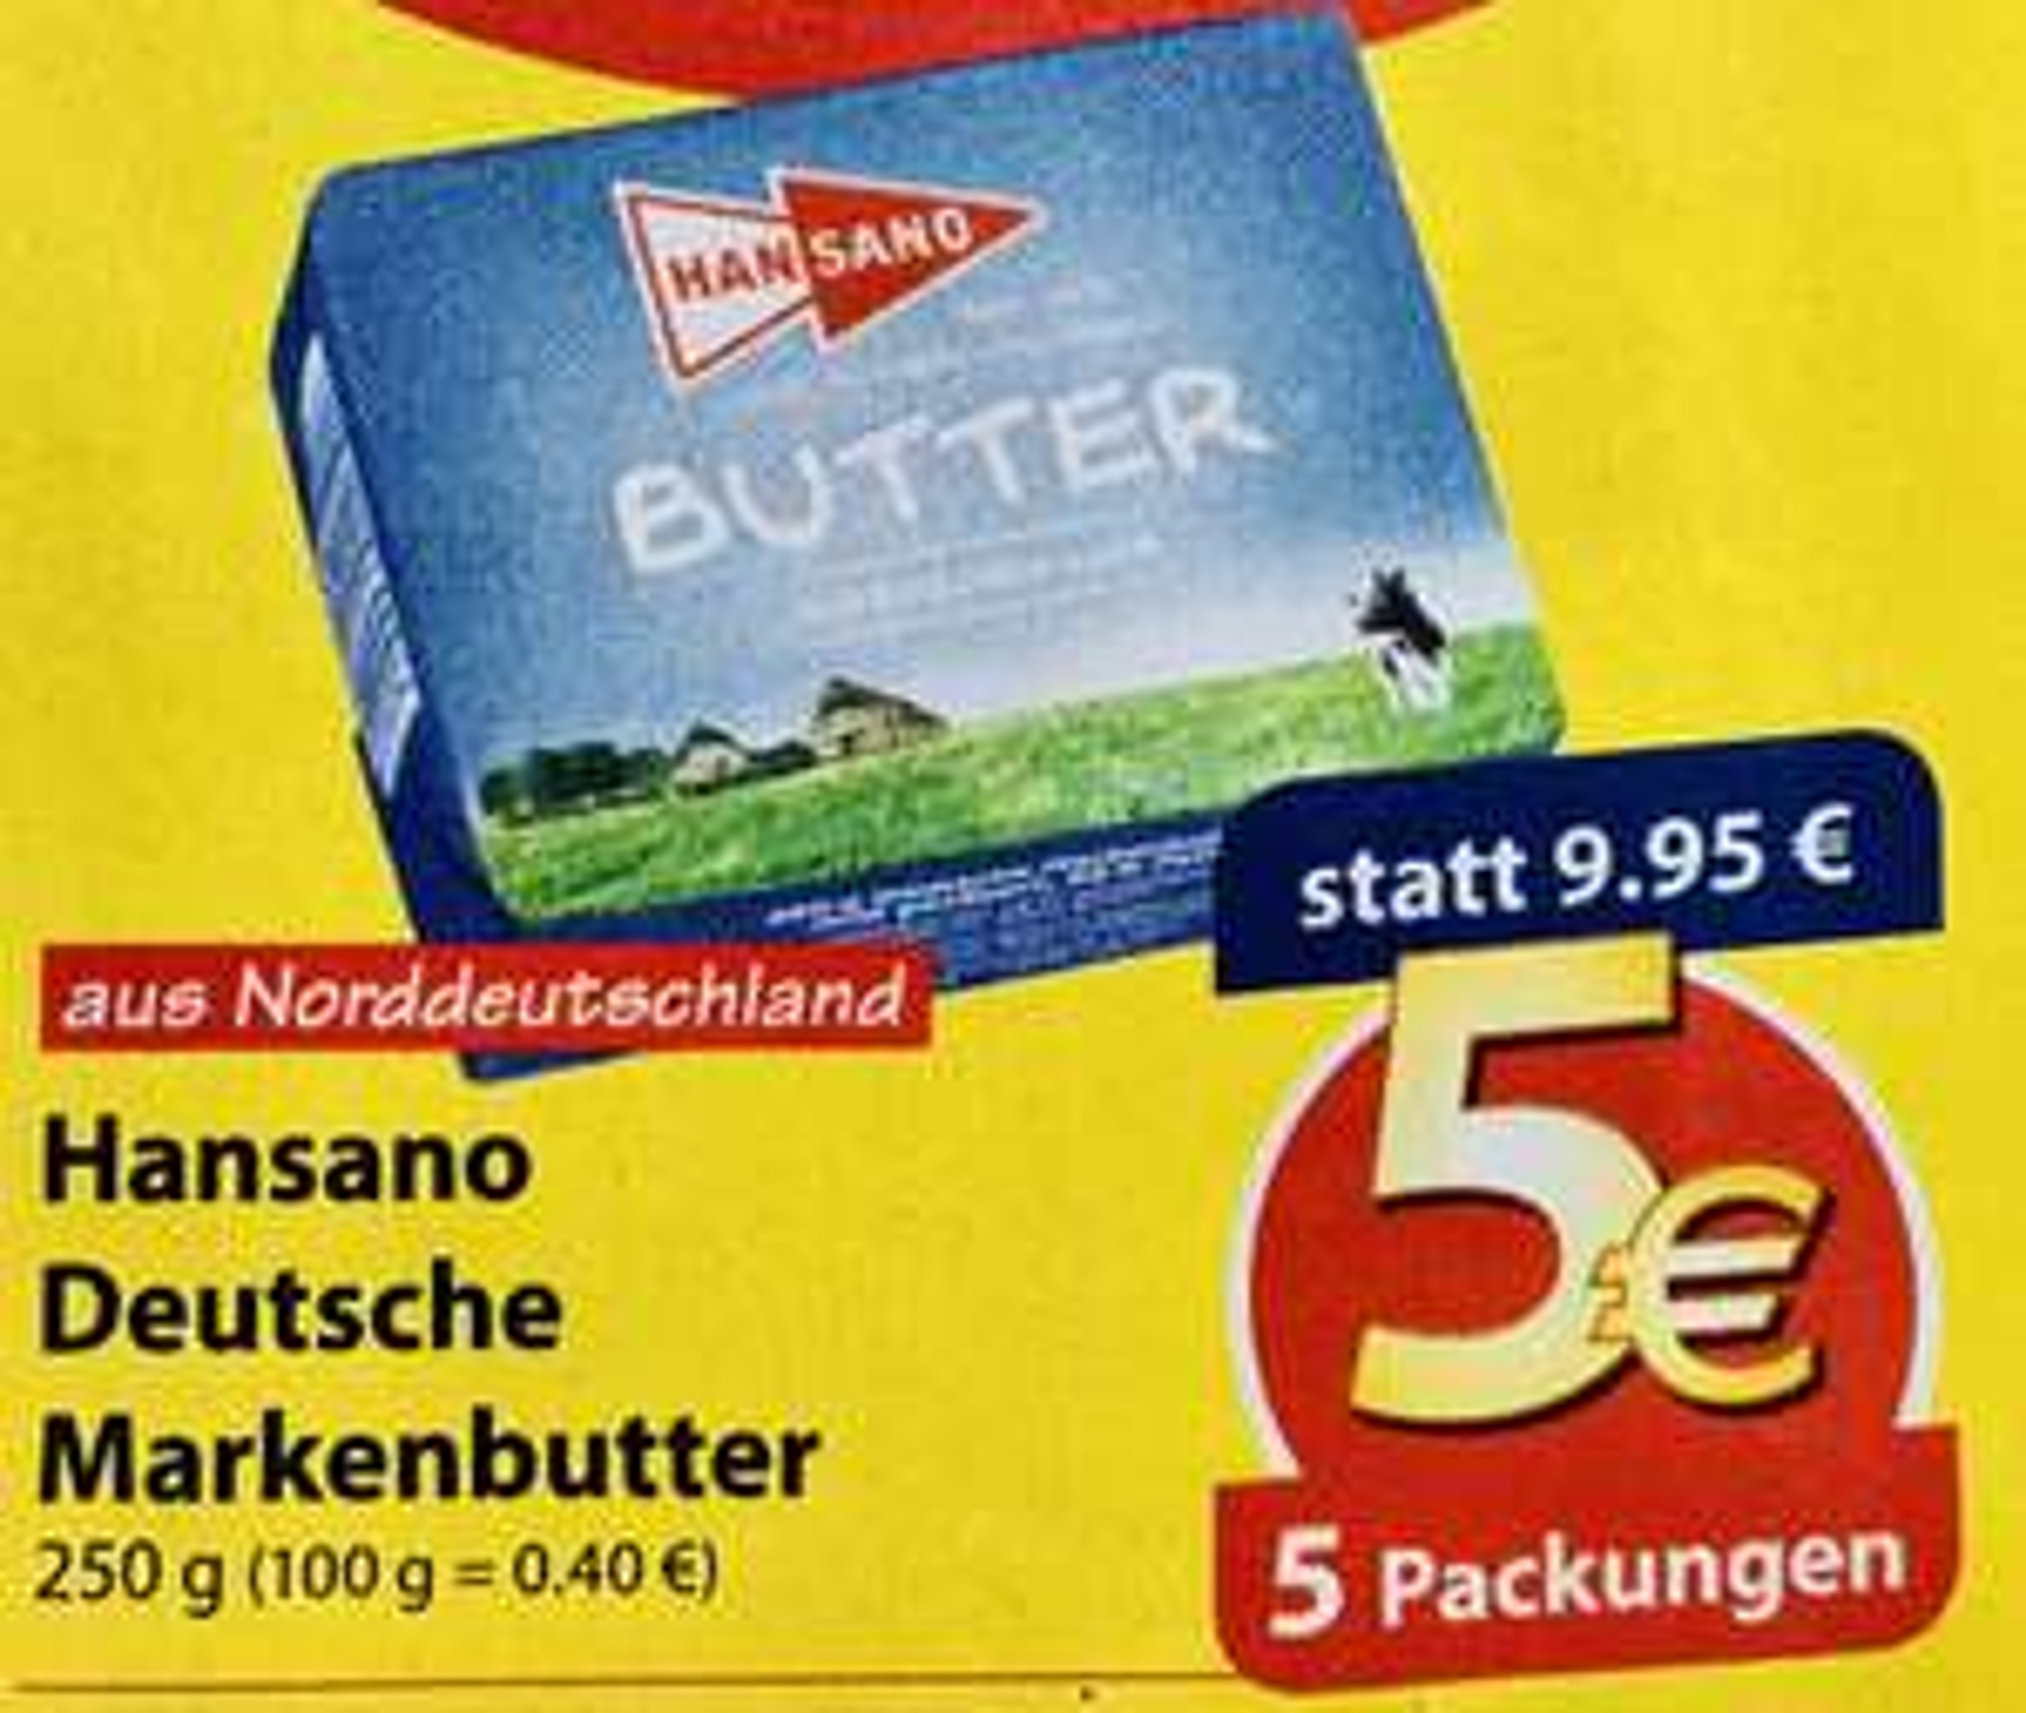 Lokal Famila Nordost: 5 Pakete HANSANO Deutsche Markenbutter für nur 5€